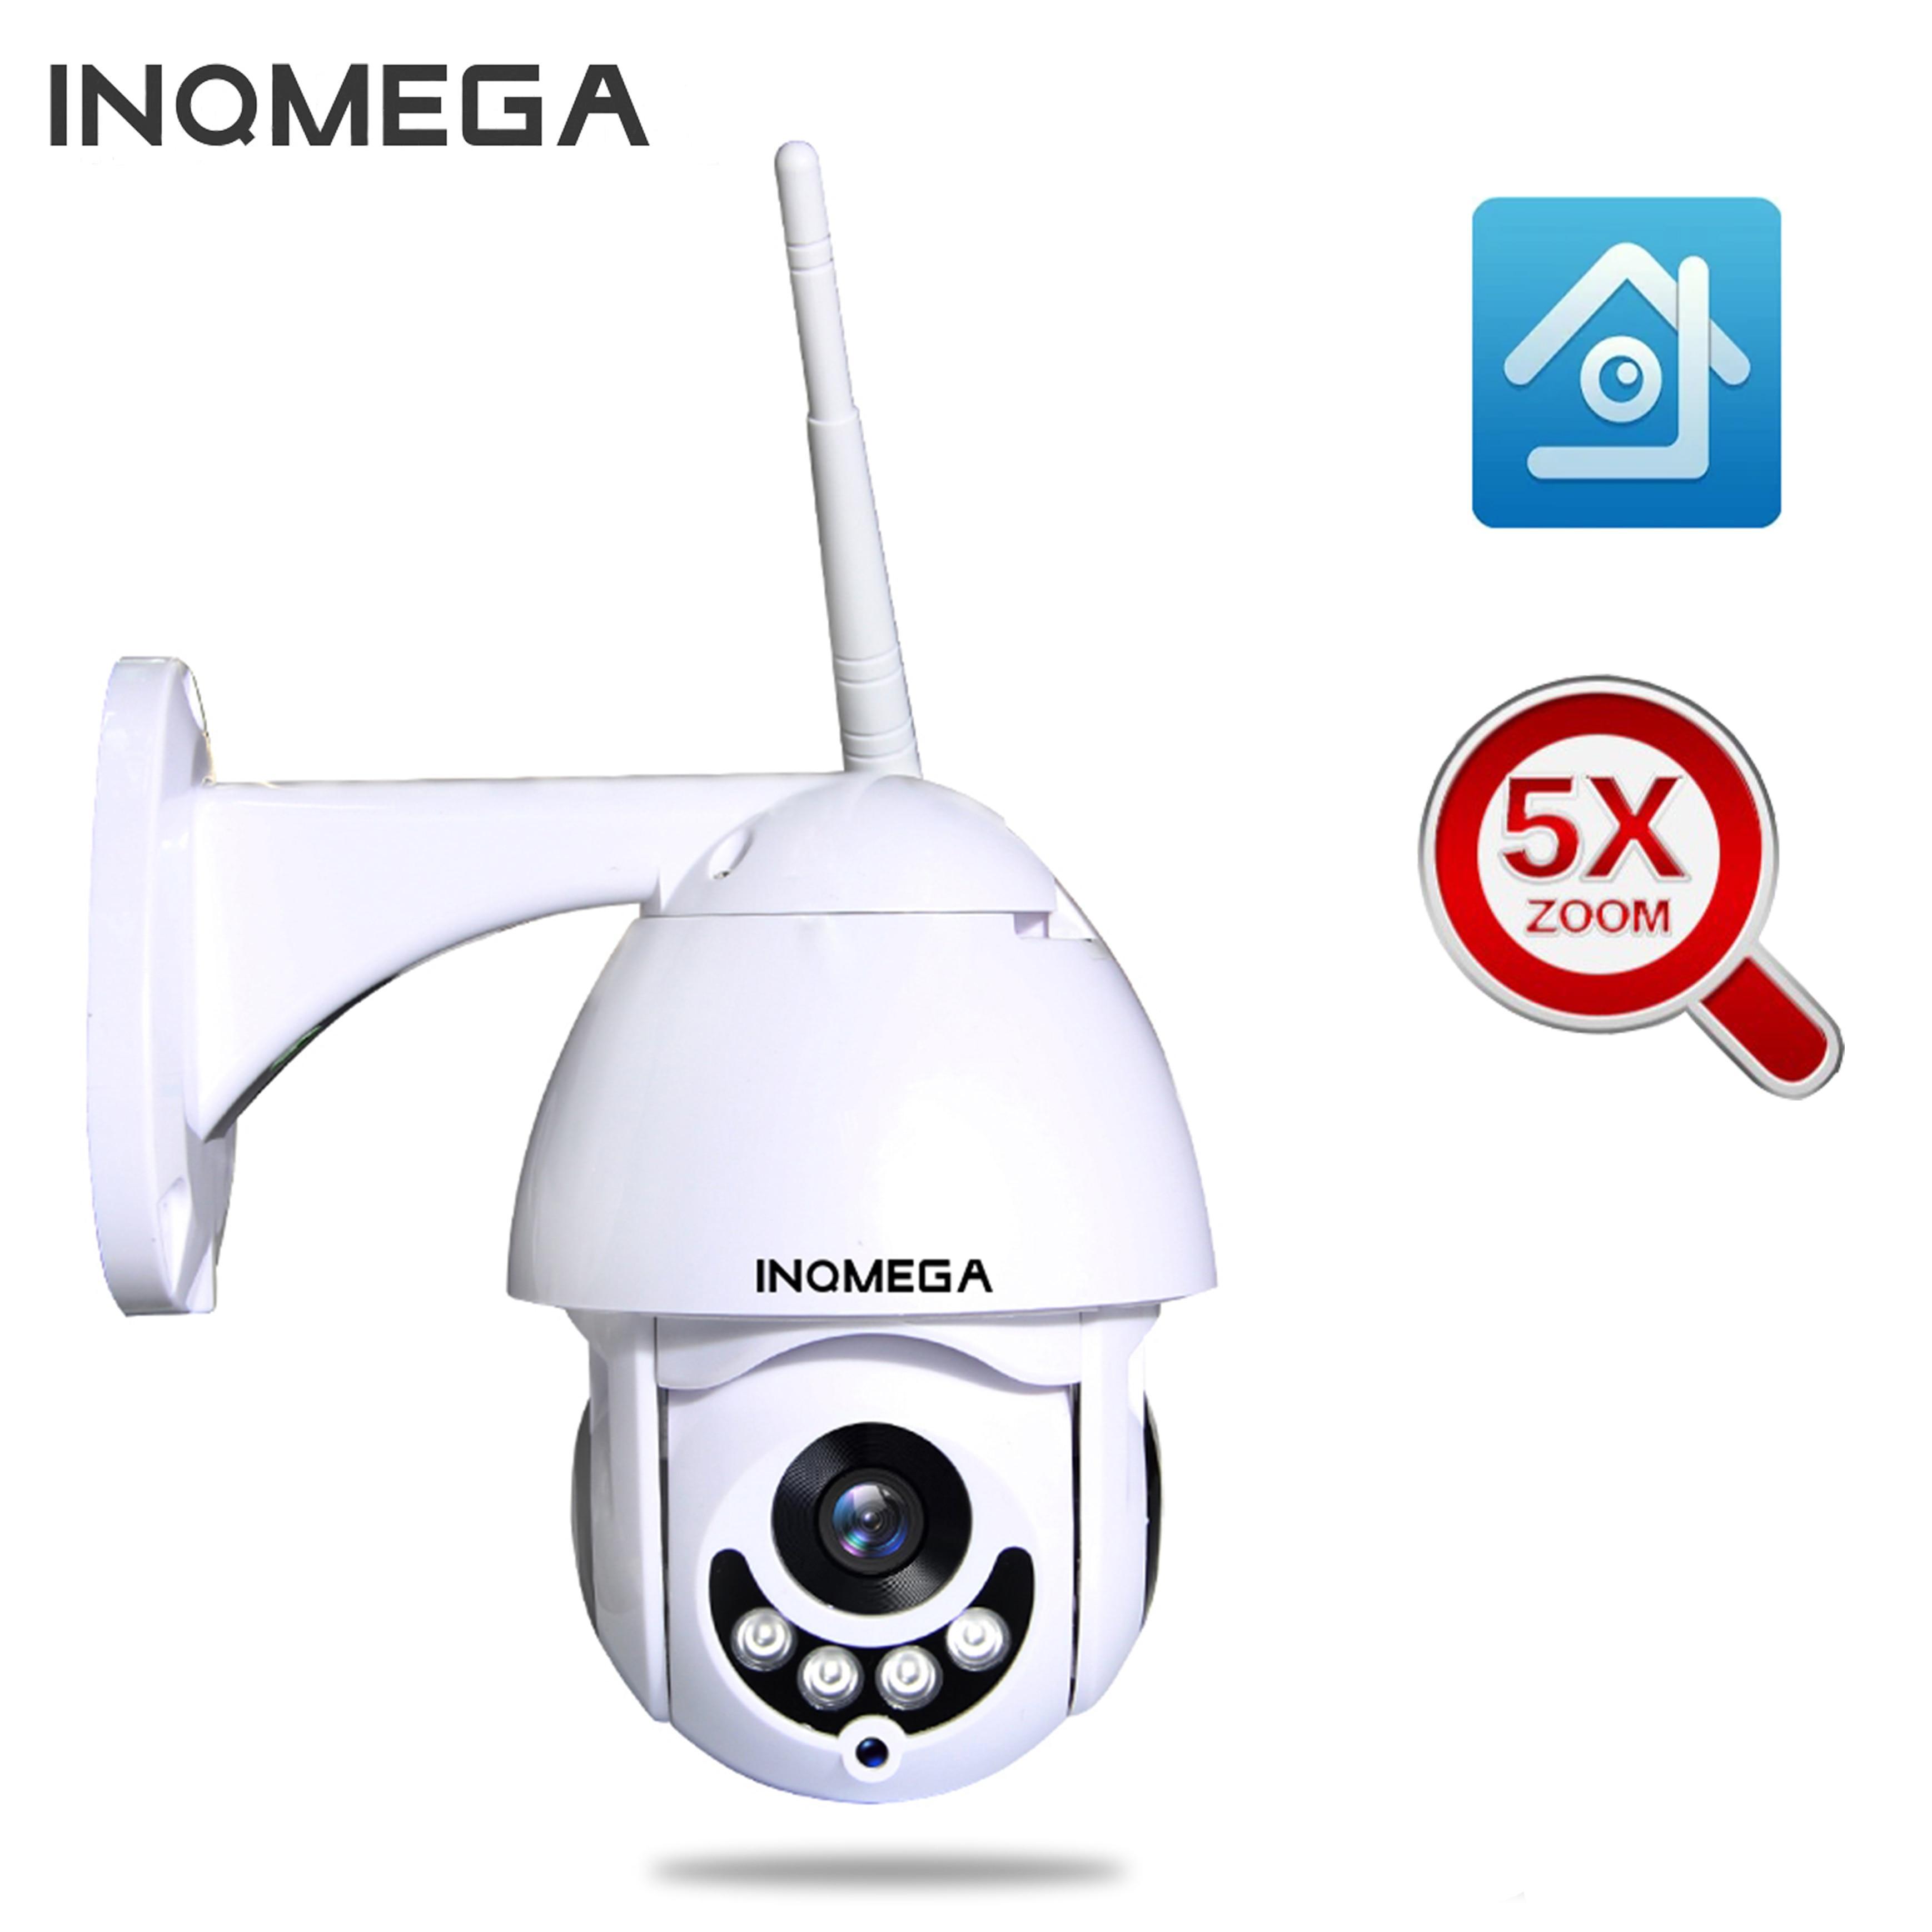 Caméra IP WIFI dôme de vitesse INQMEGA 2MP PTZ 1080 P Zoom extérieur 5X caméra de sécurité sans fil CCTV inclinaison panoramique IR 60 m Audio bidirectionnel